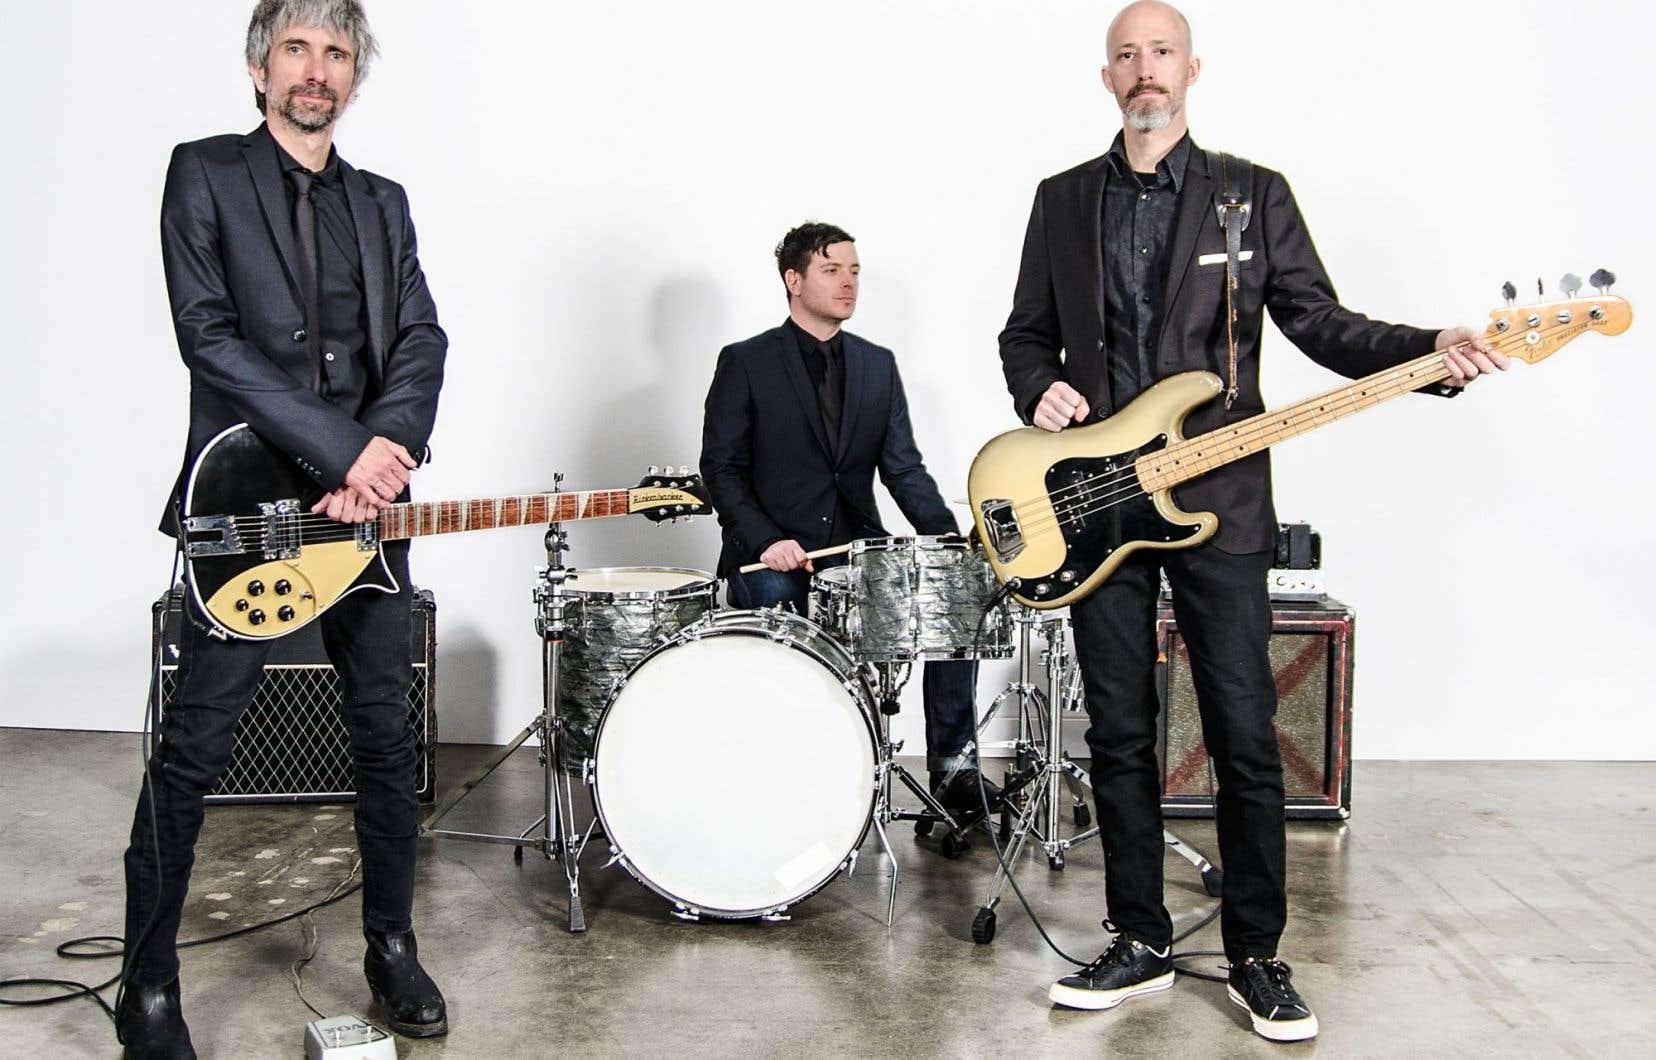 «Mais Les Chiens, ça peut pas mourir, c'est mon groupe de base», reconnaît Éric Goulet (à gauche sur la photo), qui joue de la musique avec Marc Chartrain et Nicolas Jouannaut depuis de nombreuses années.